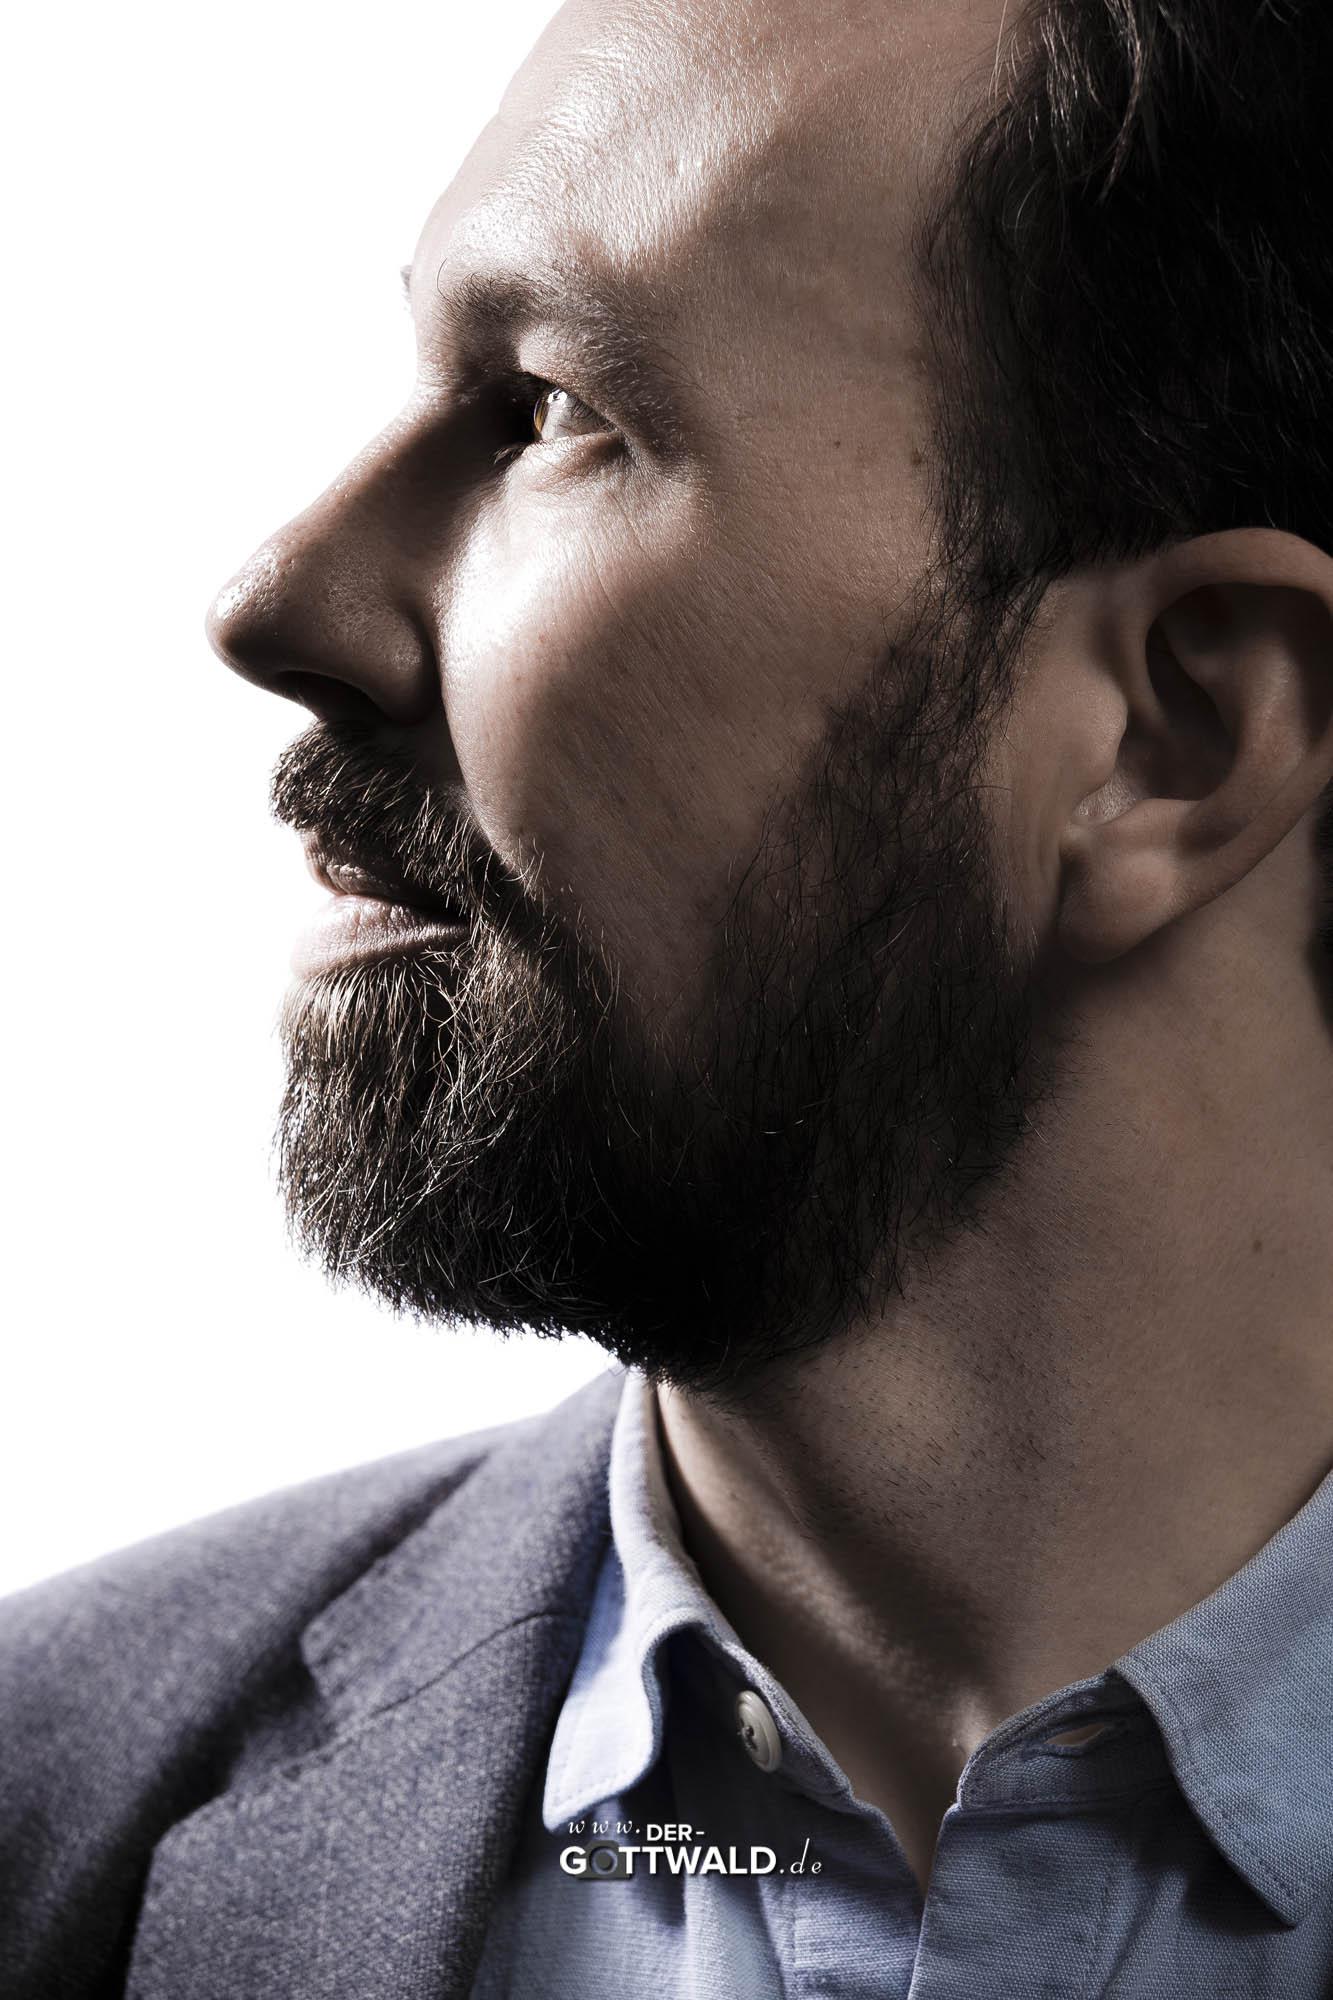 der-gottwaldDE - Business-Portrait 31.jpg